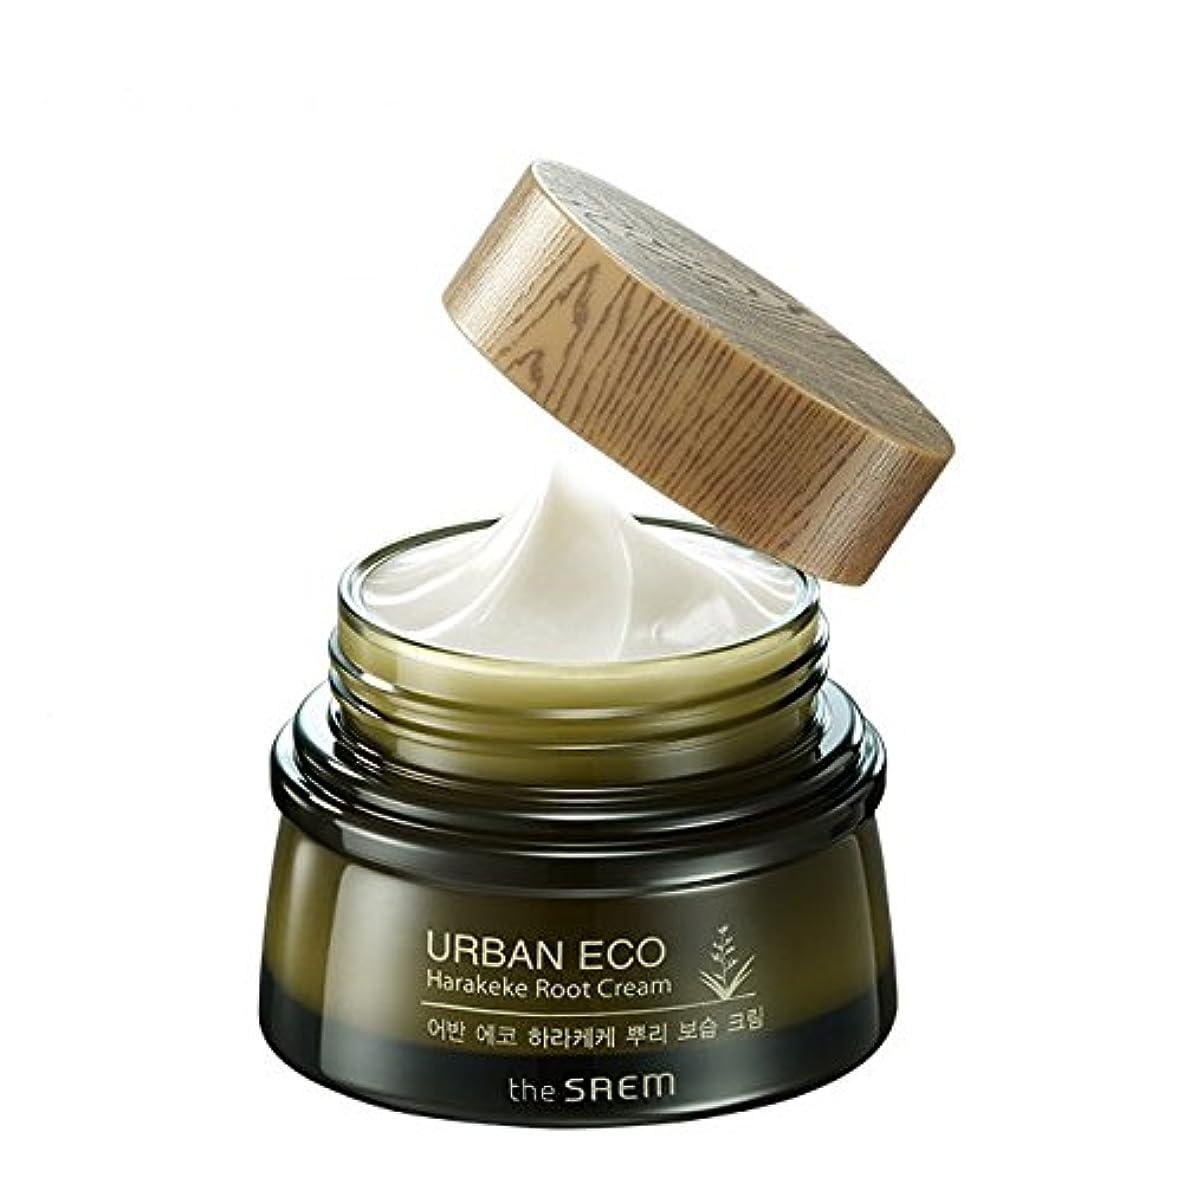 経験ワックスロッカー[ザセム] The Saem [アーバンエコ ハラケケ 根保湿クリーム60ml (The Saem Urban Eco Harakeke Root Cream60ml)